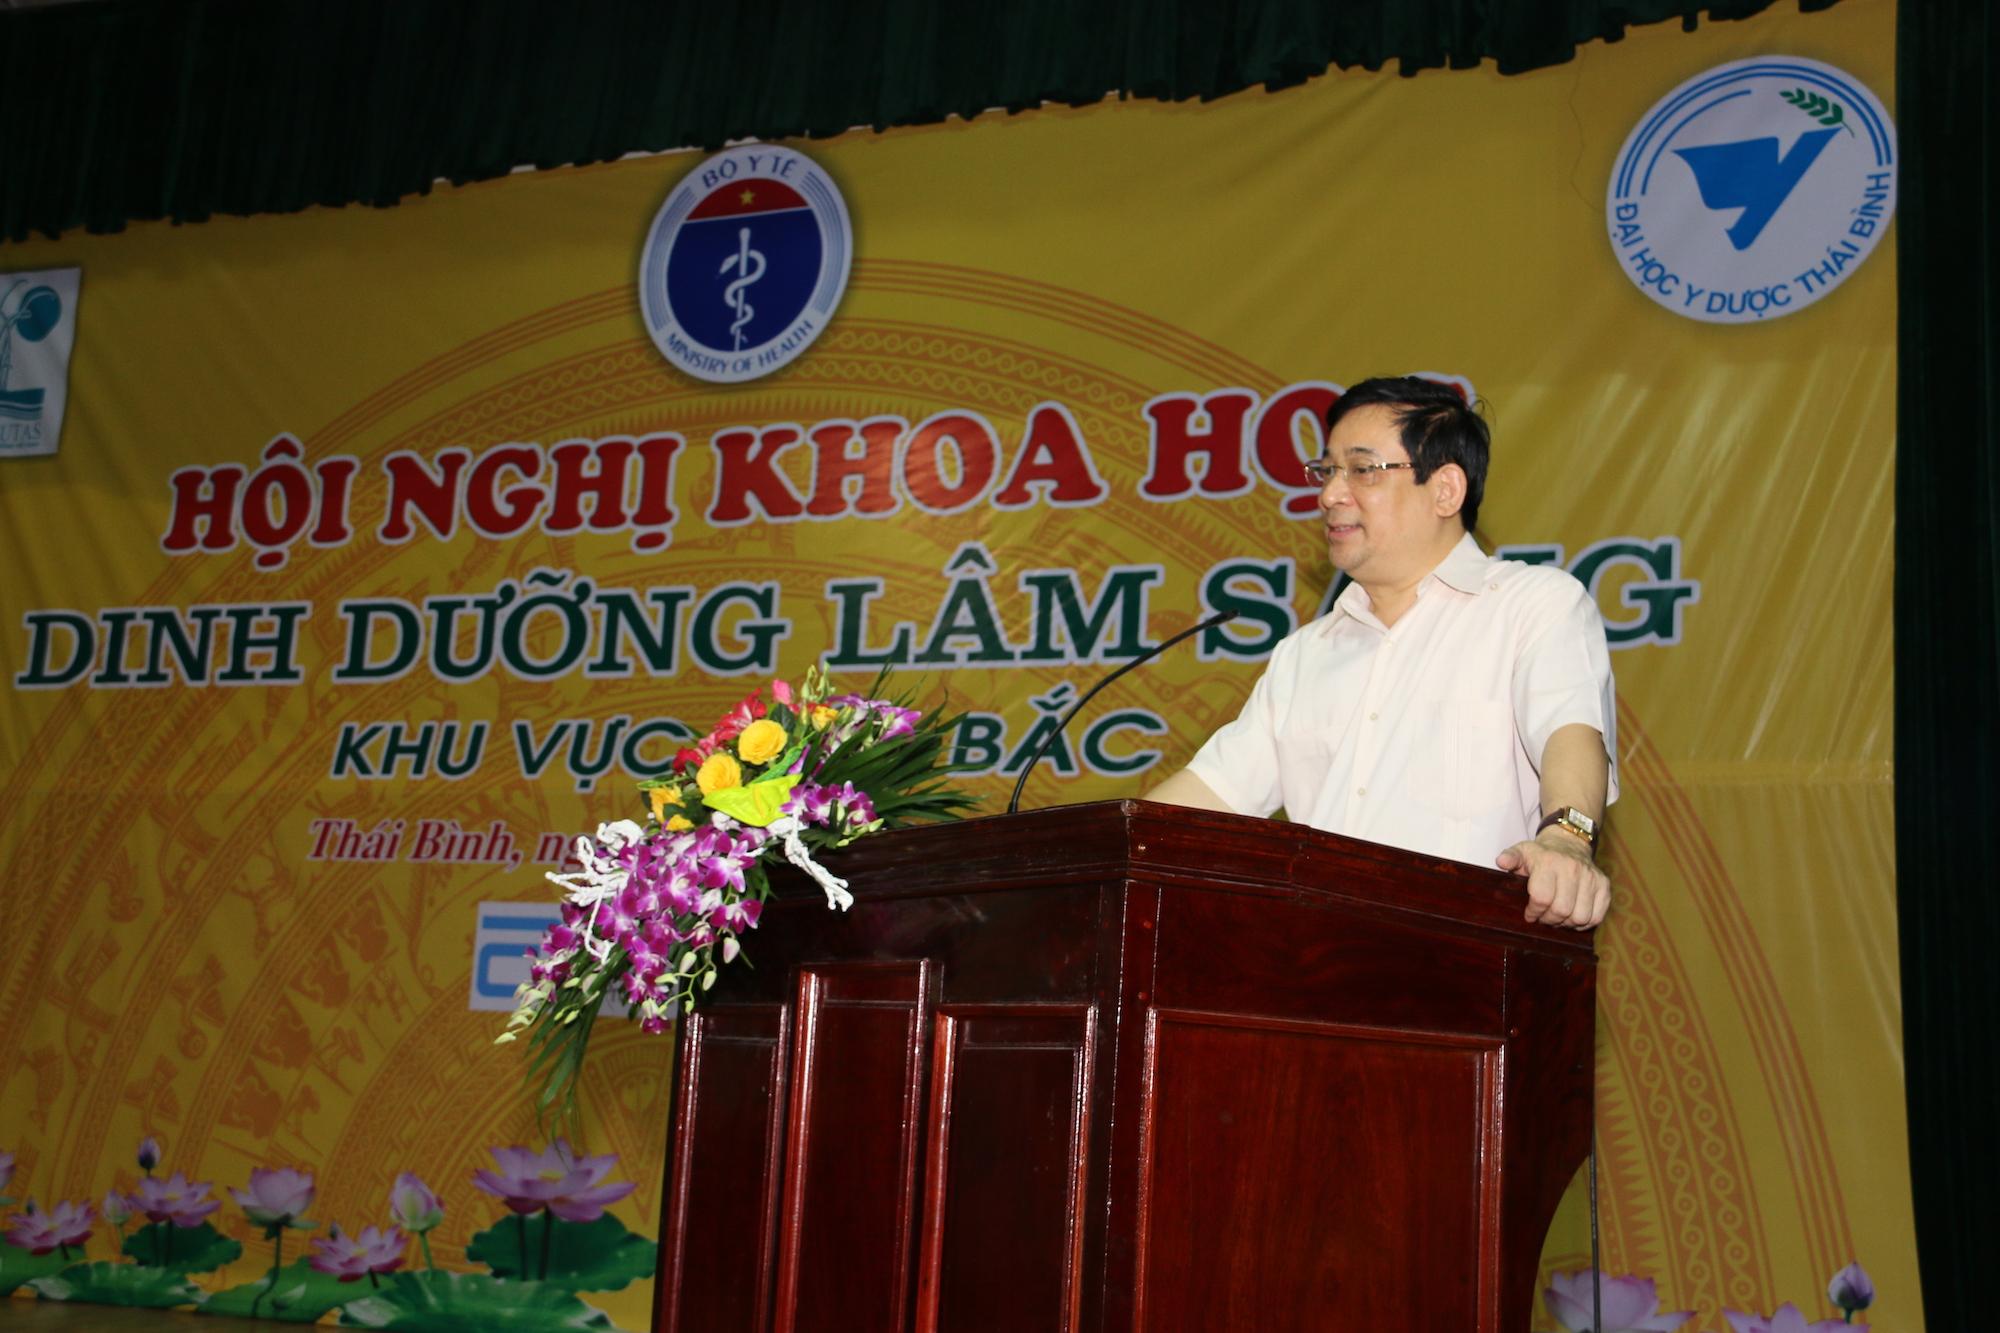 PGS.TS. Lương Ngọc Khuê – Cục trưởng Cục Quản lý Khám chữa bệnh phát biểu khai mạc hội nghị